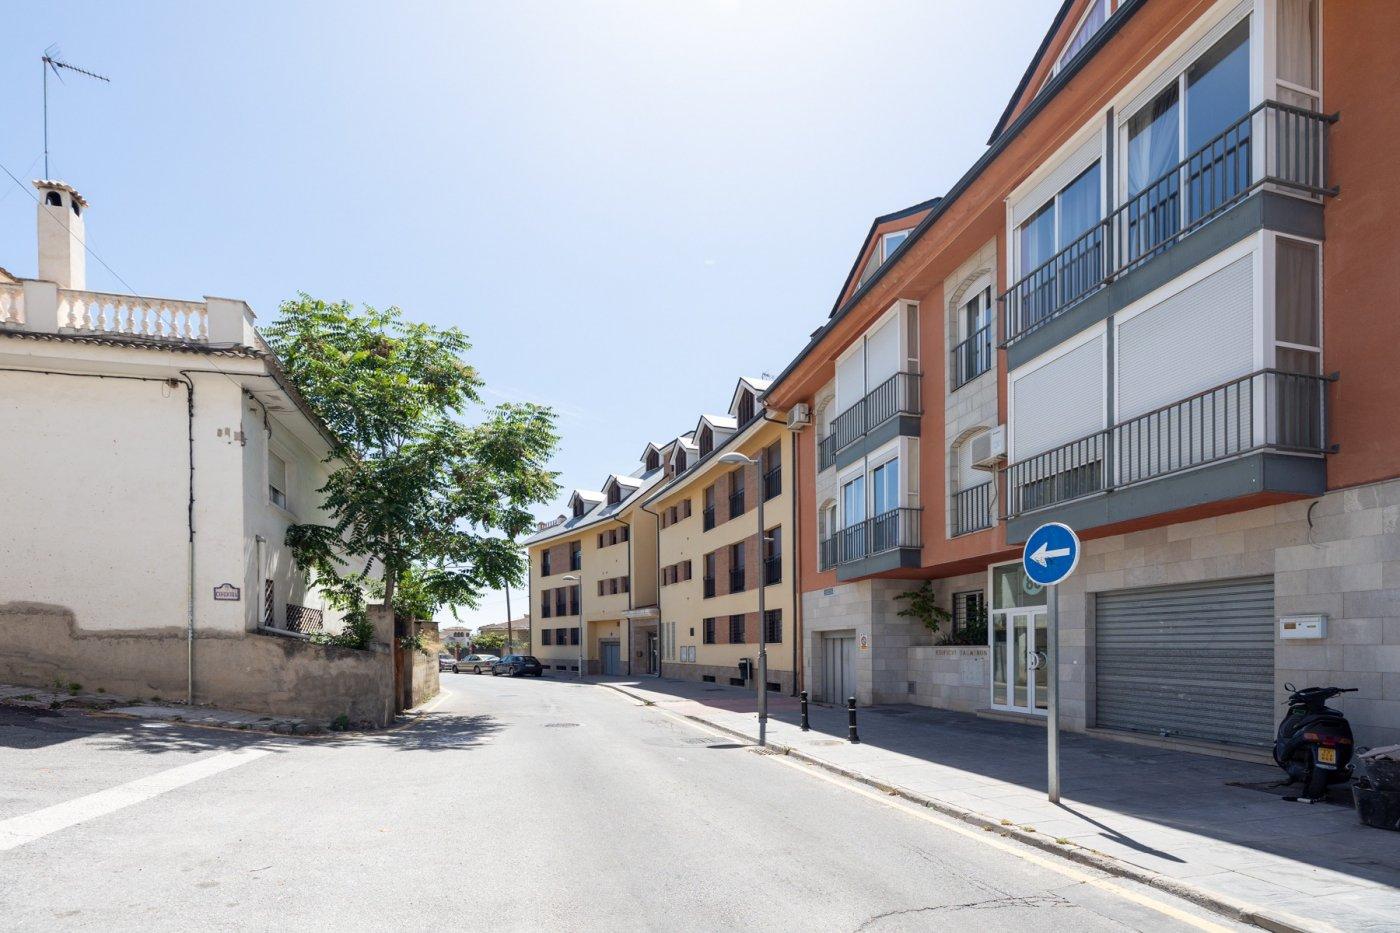 Espectacular piso con vistas panorámicas en el Barrio de Monachil